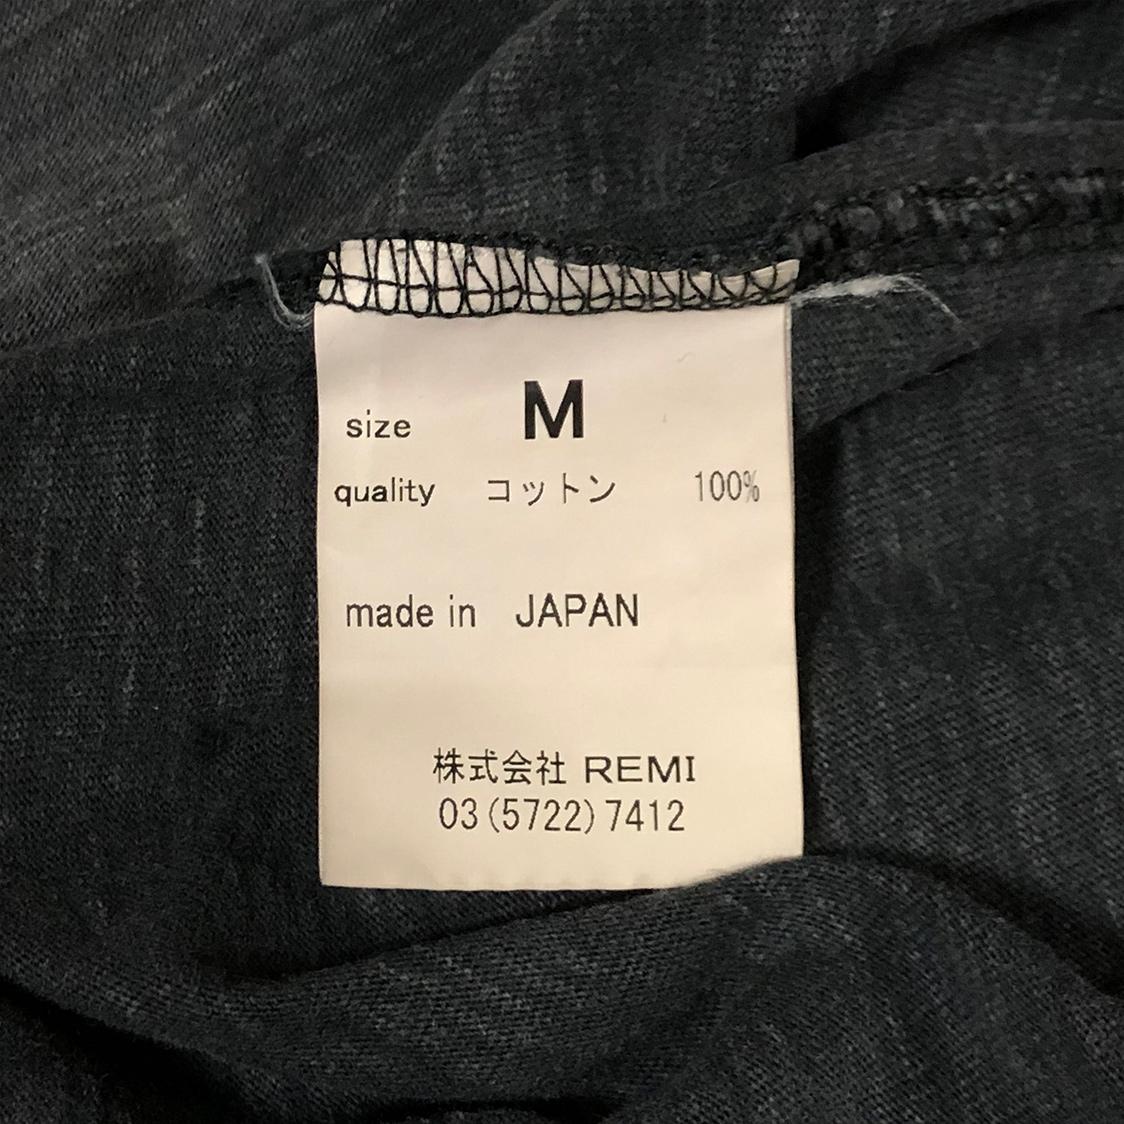 REMI RELIEF レミレリーフ Mサイズ 無地 ポケット付き Tシャツ カットソー 半袖 霜降り ブラック